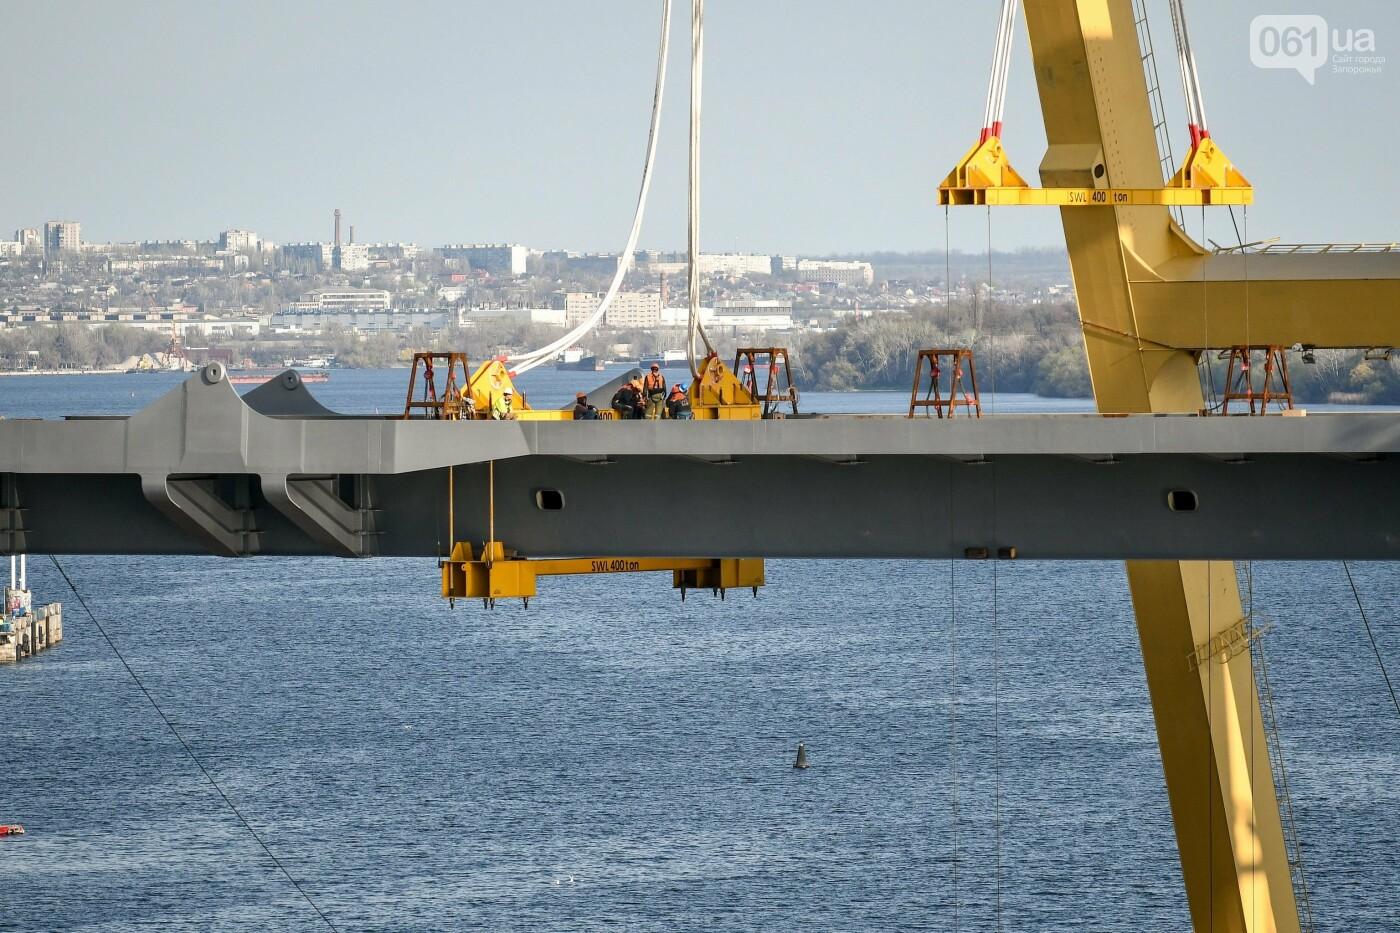 В Запорожье монтируют первый блок вантового моста, - ФОТОРЕПОРТАЖ, фото-18